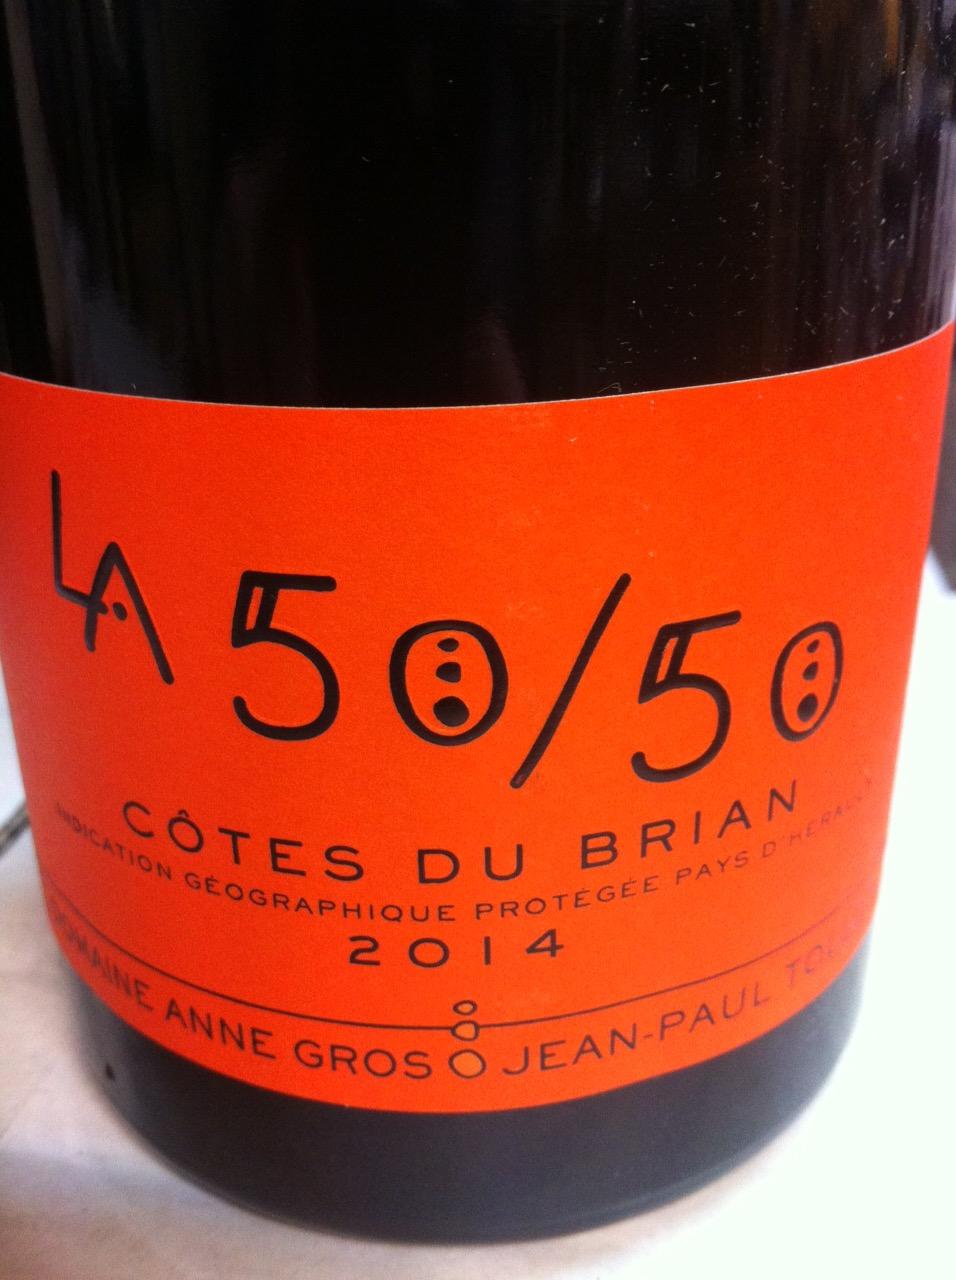 Le 50/50 Côtes de Brian 2014: